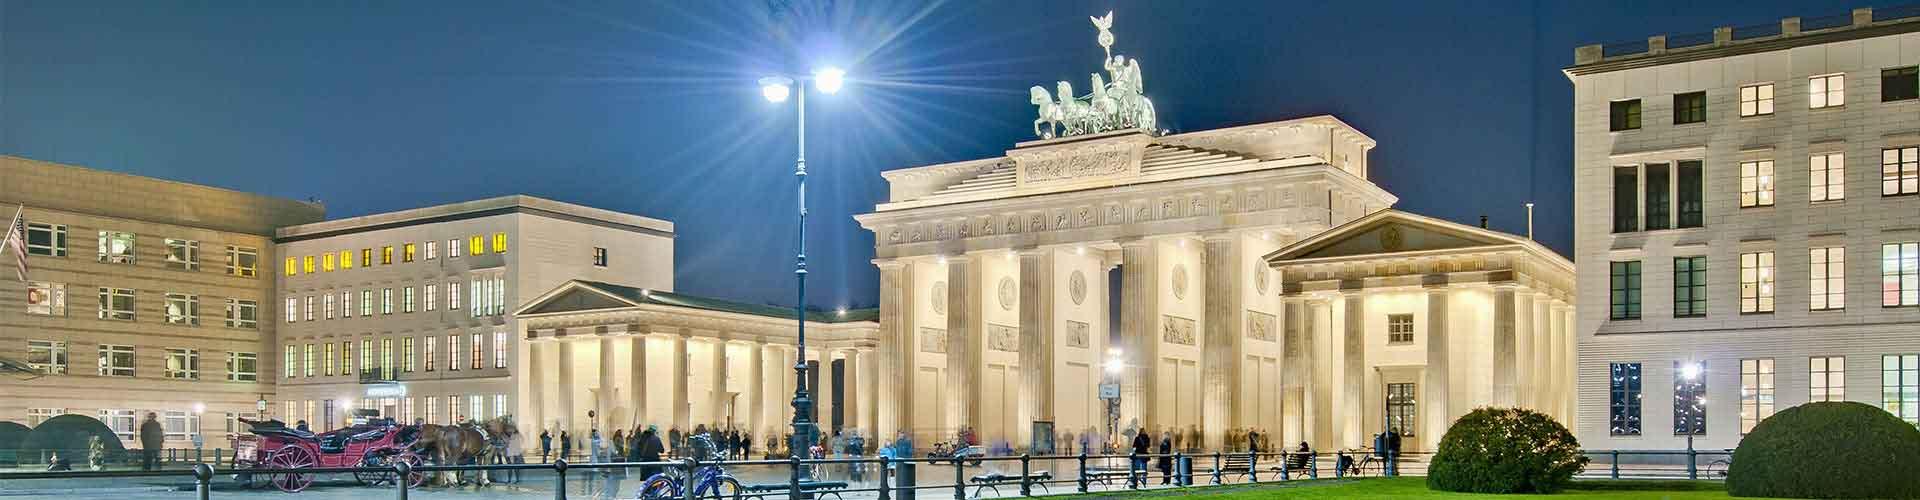 베를린 - 파리저 광장에 가까운 호스텔. 베를린의 지도, 베를린에 위치한 호스텔에 대한 사진 및 리뷰.